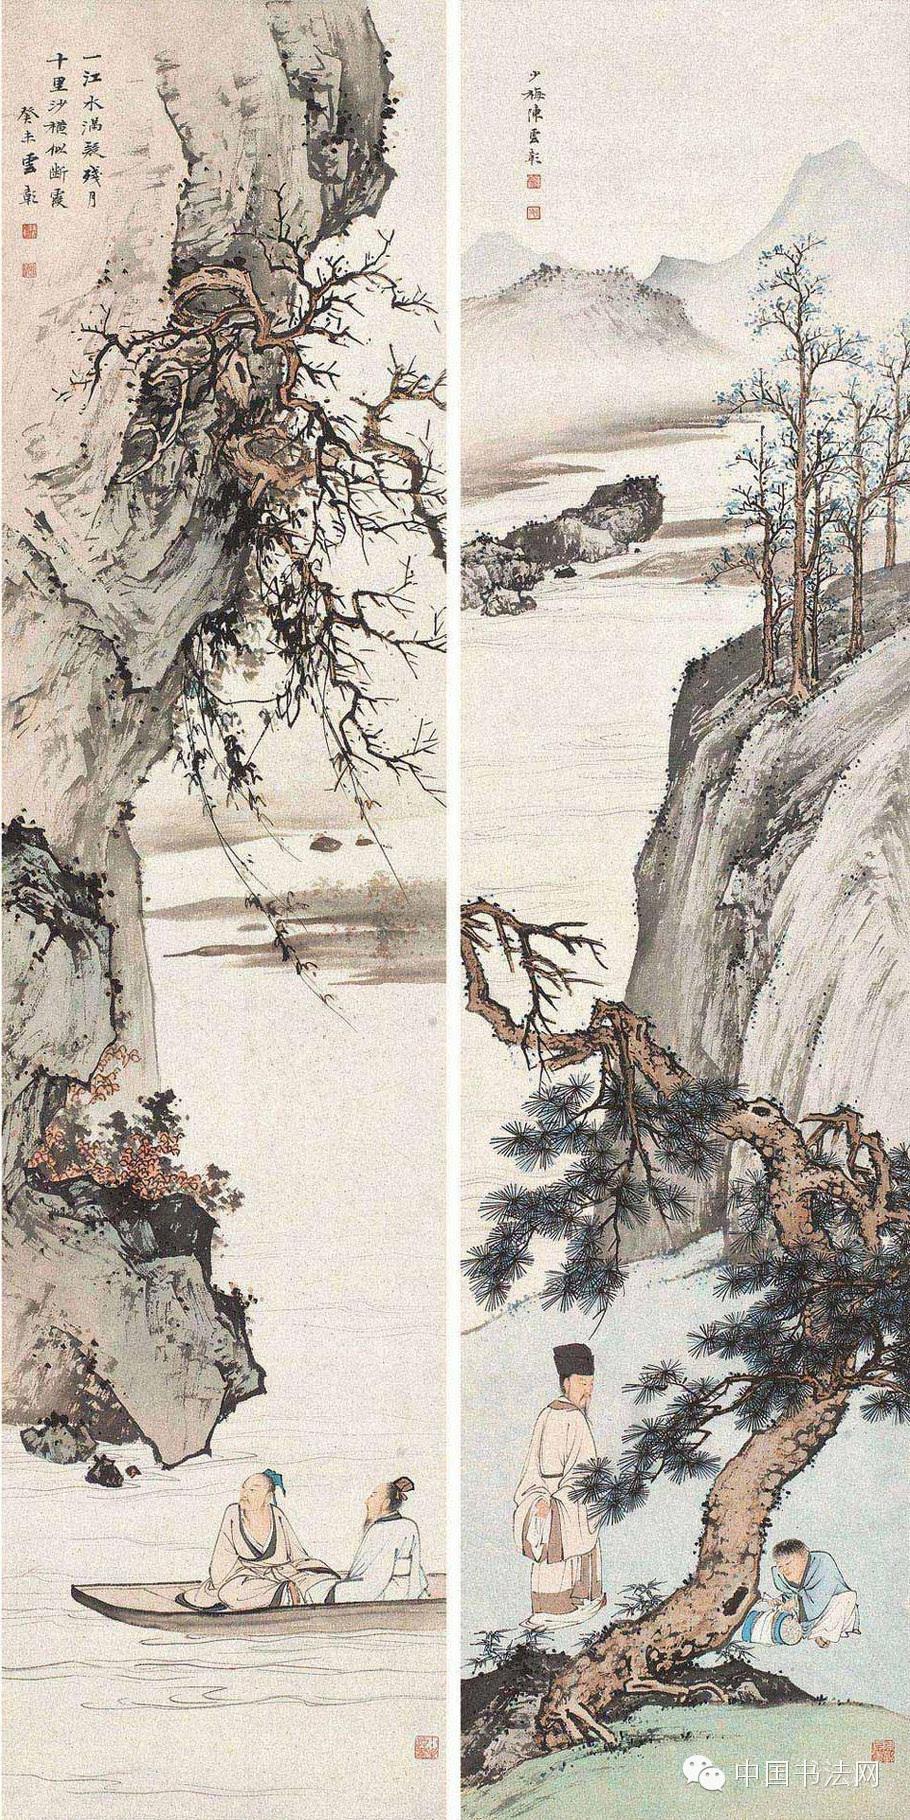 师,能工能简,水墨与重彩并长,山水、人物、花卉和书法均有一定造